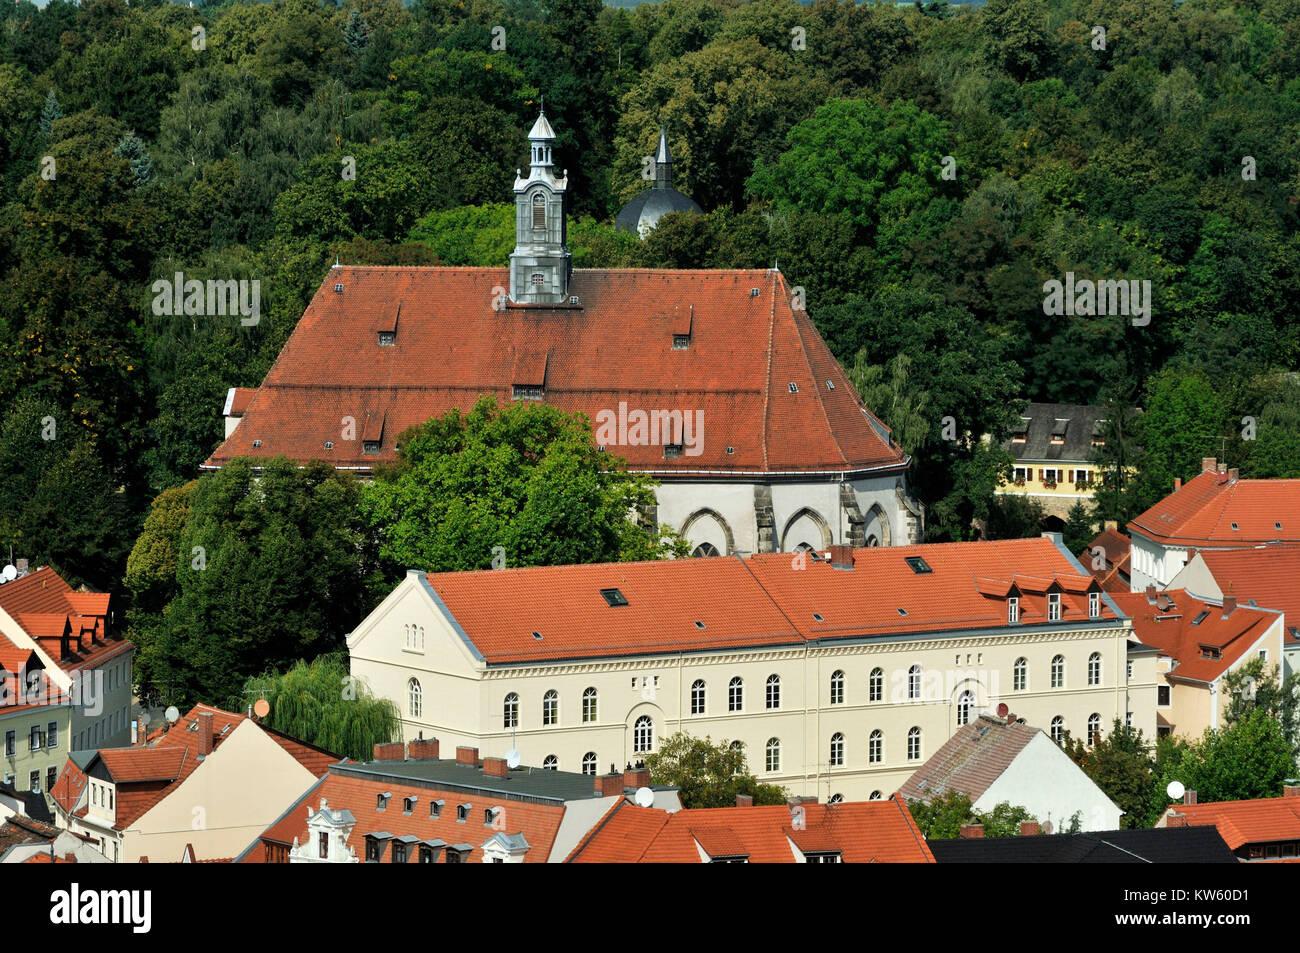 Nikolaischule and Nikolaikirche, G?rlitz Old Town, Nikolaischule und Nikolaikirche, Goerlitz Altstadt - Stock Image